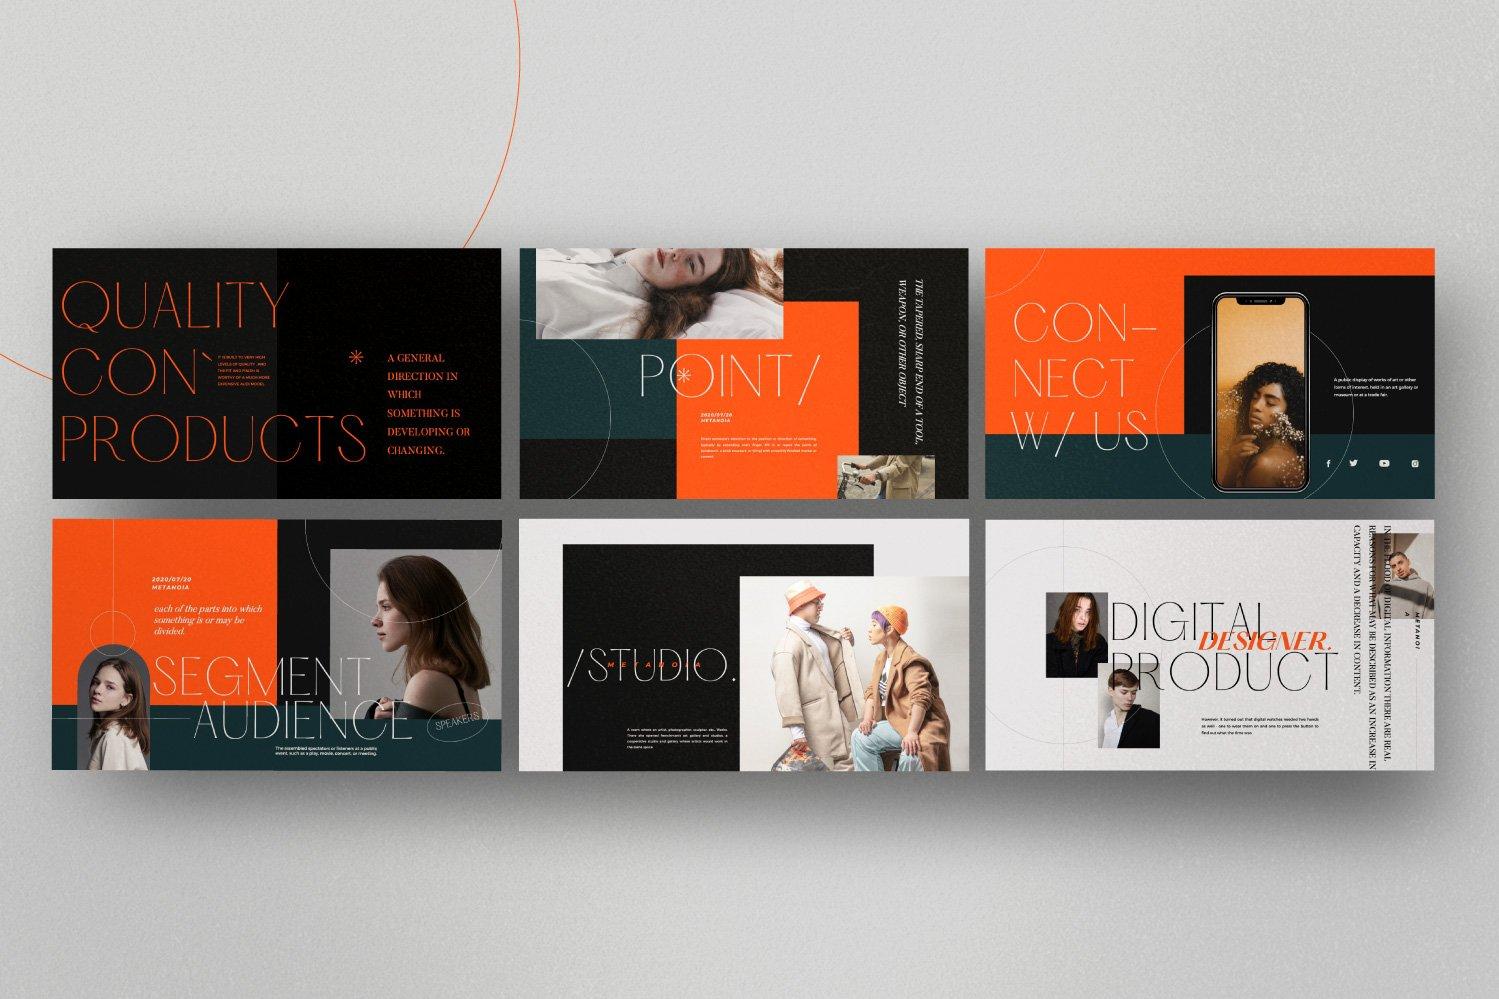 时尚潮流服装品牌摄影作品集幻灯片设计模板 Metanoia – Brand Fashion Powerpoint插图(6)